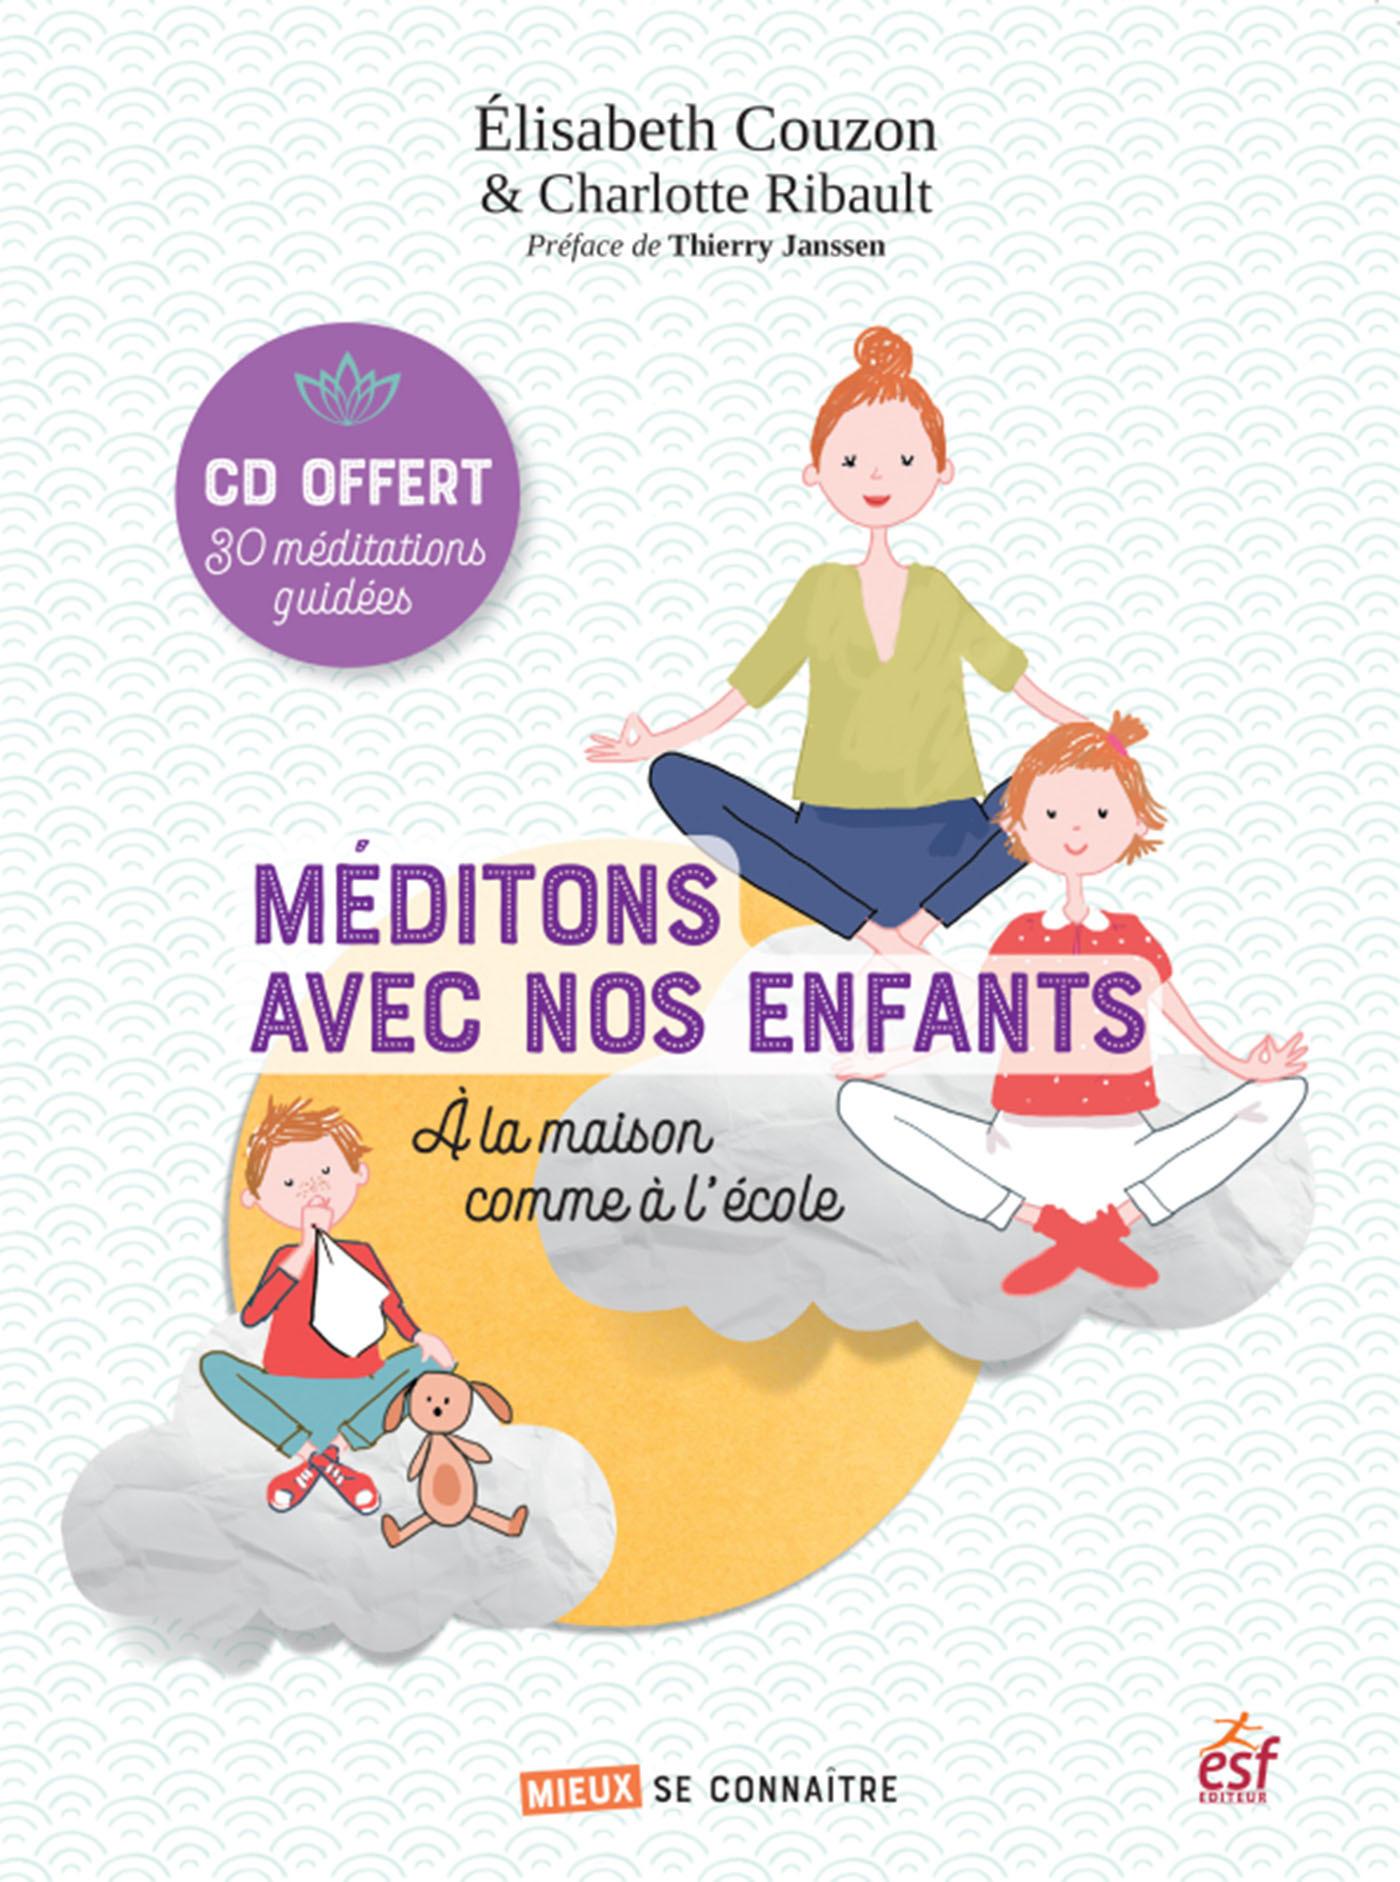 MEDITONS AVEC NOS ENFANTS - A LA MAISON COMME A L'ECOLE - CD OFFERT 30 MEDITATIONS GUIDEES